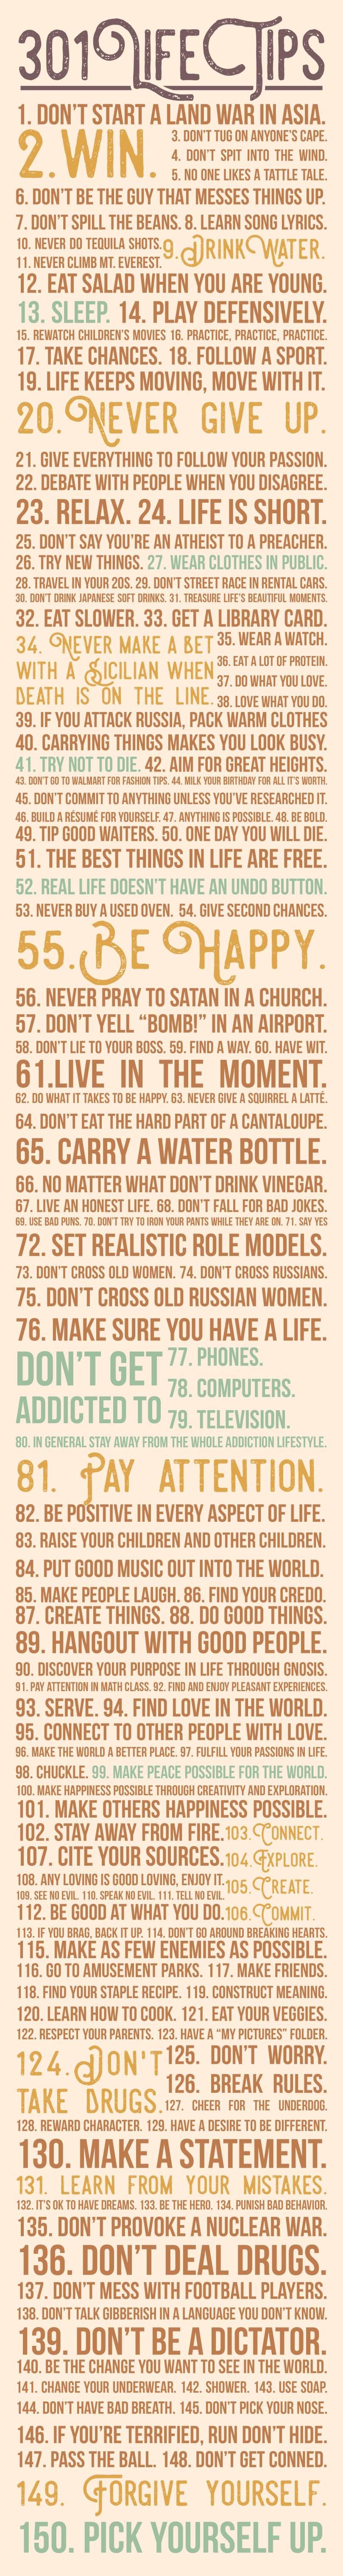 301 life tips 3.jpg